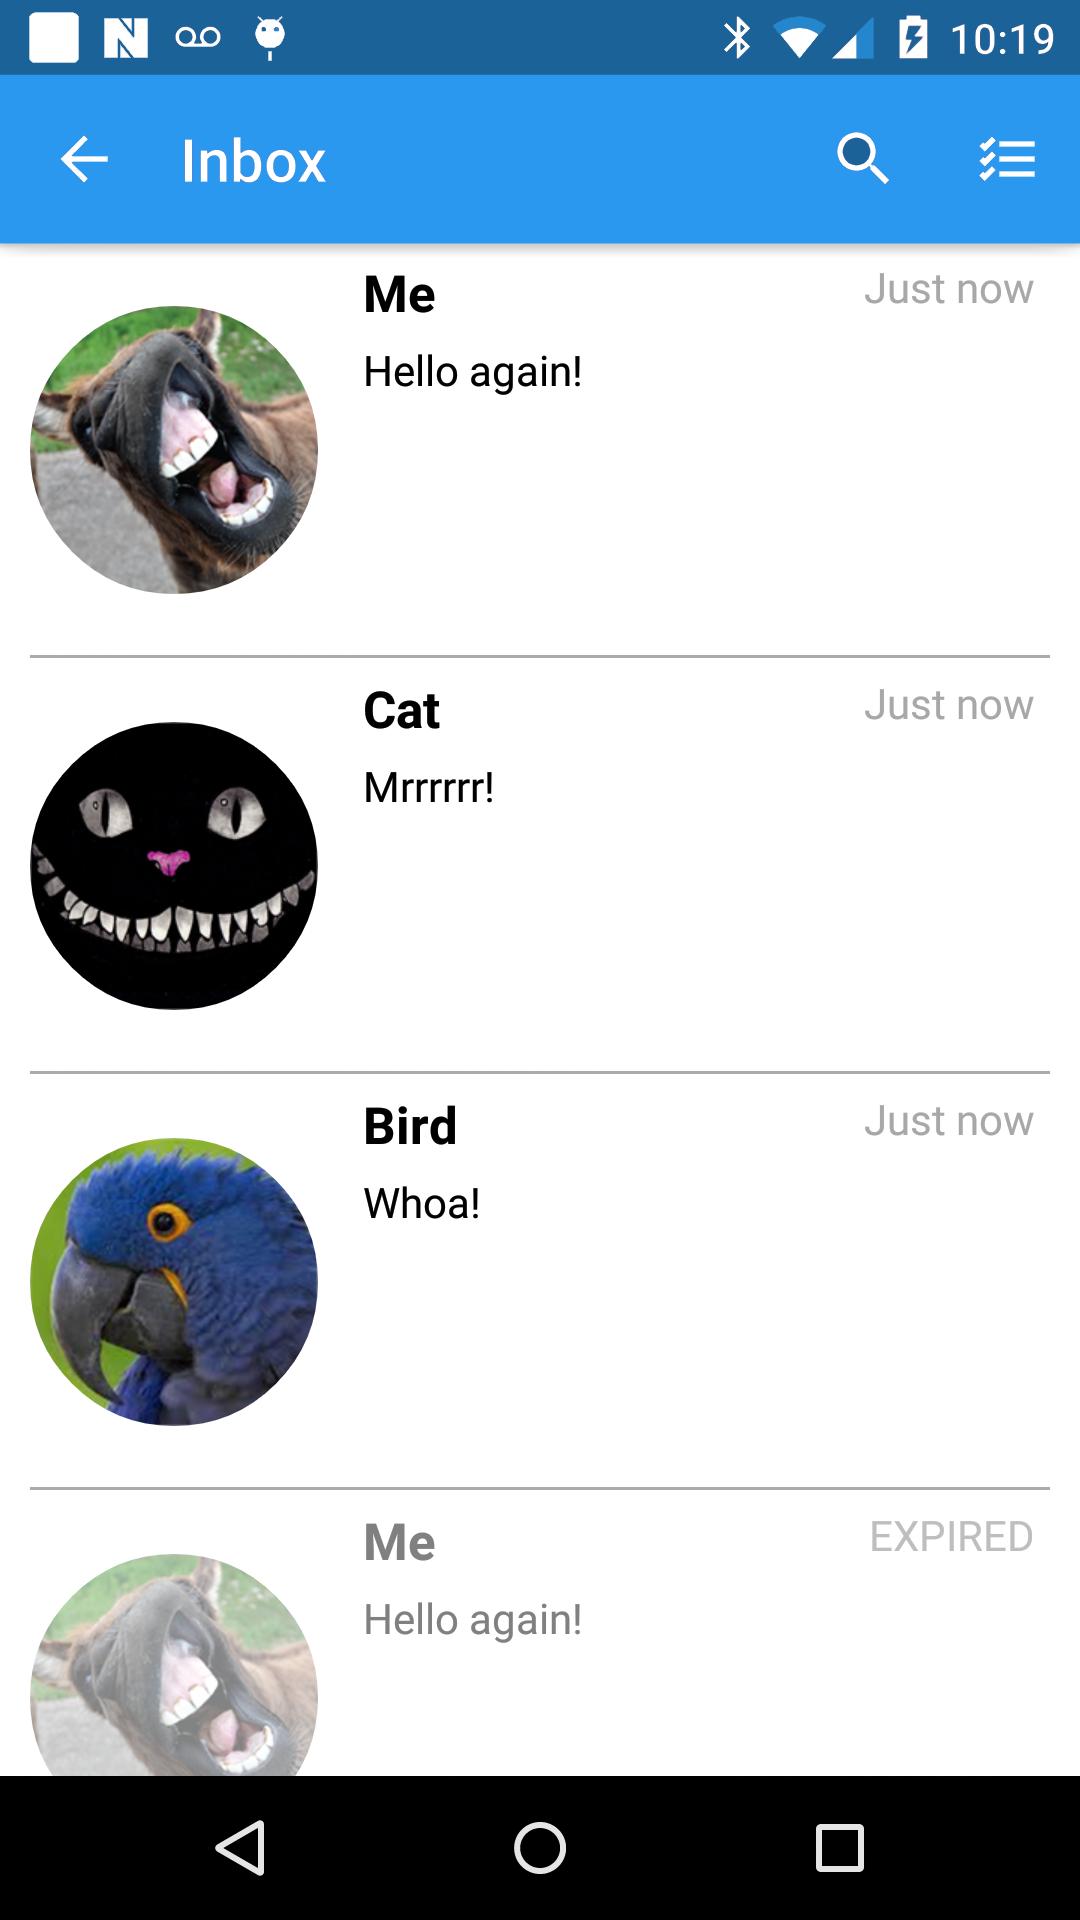 [Screenshot 5] Default Inbox Activity